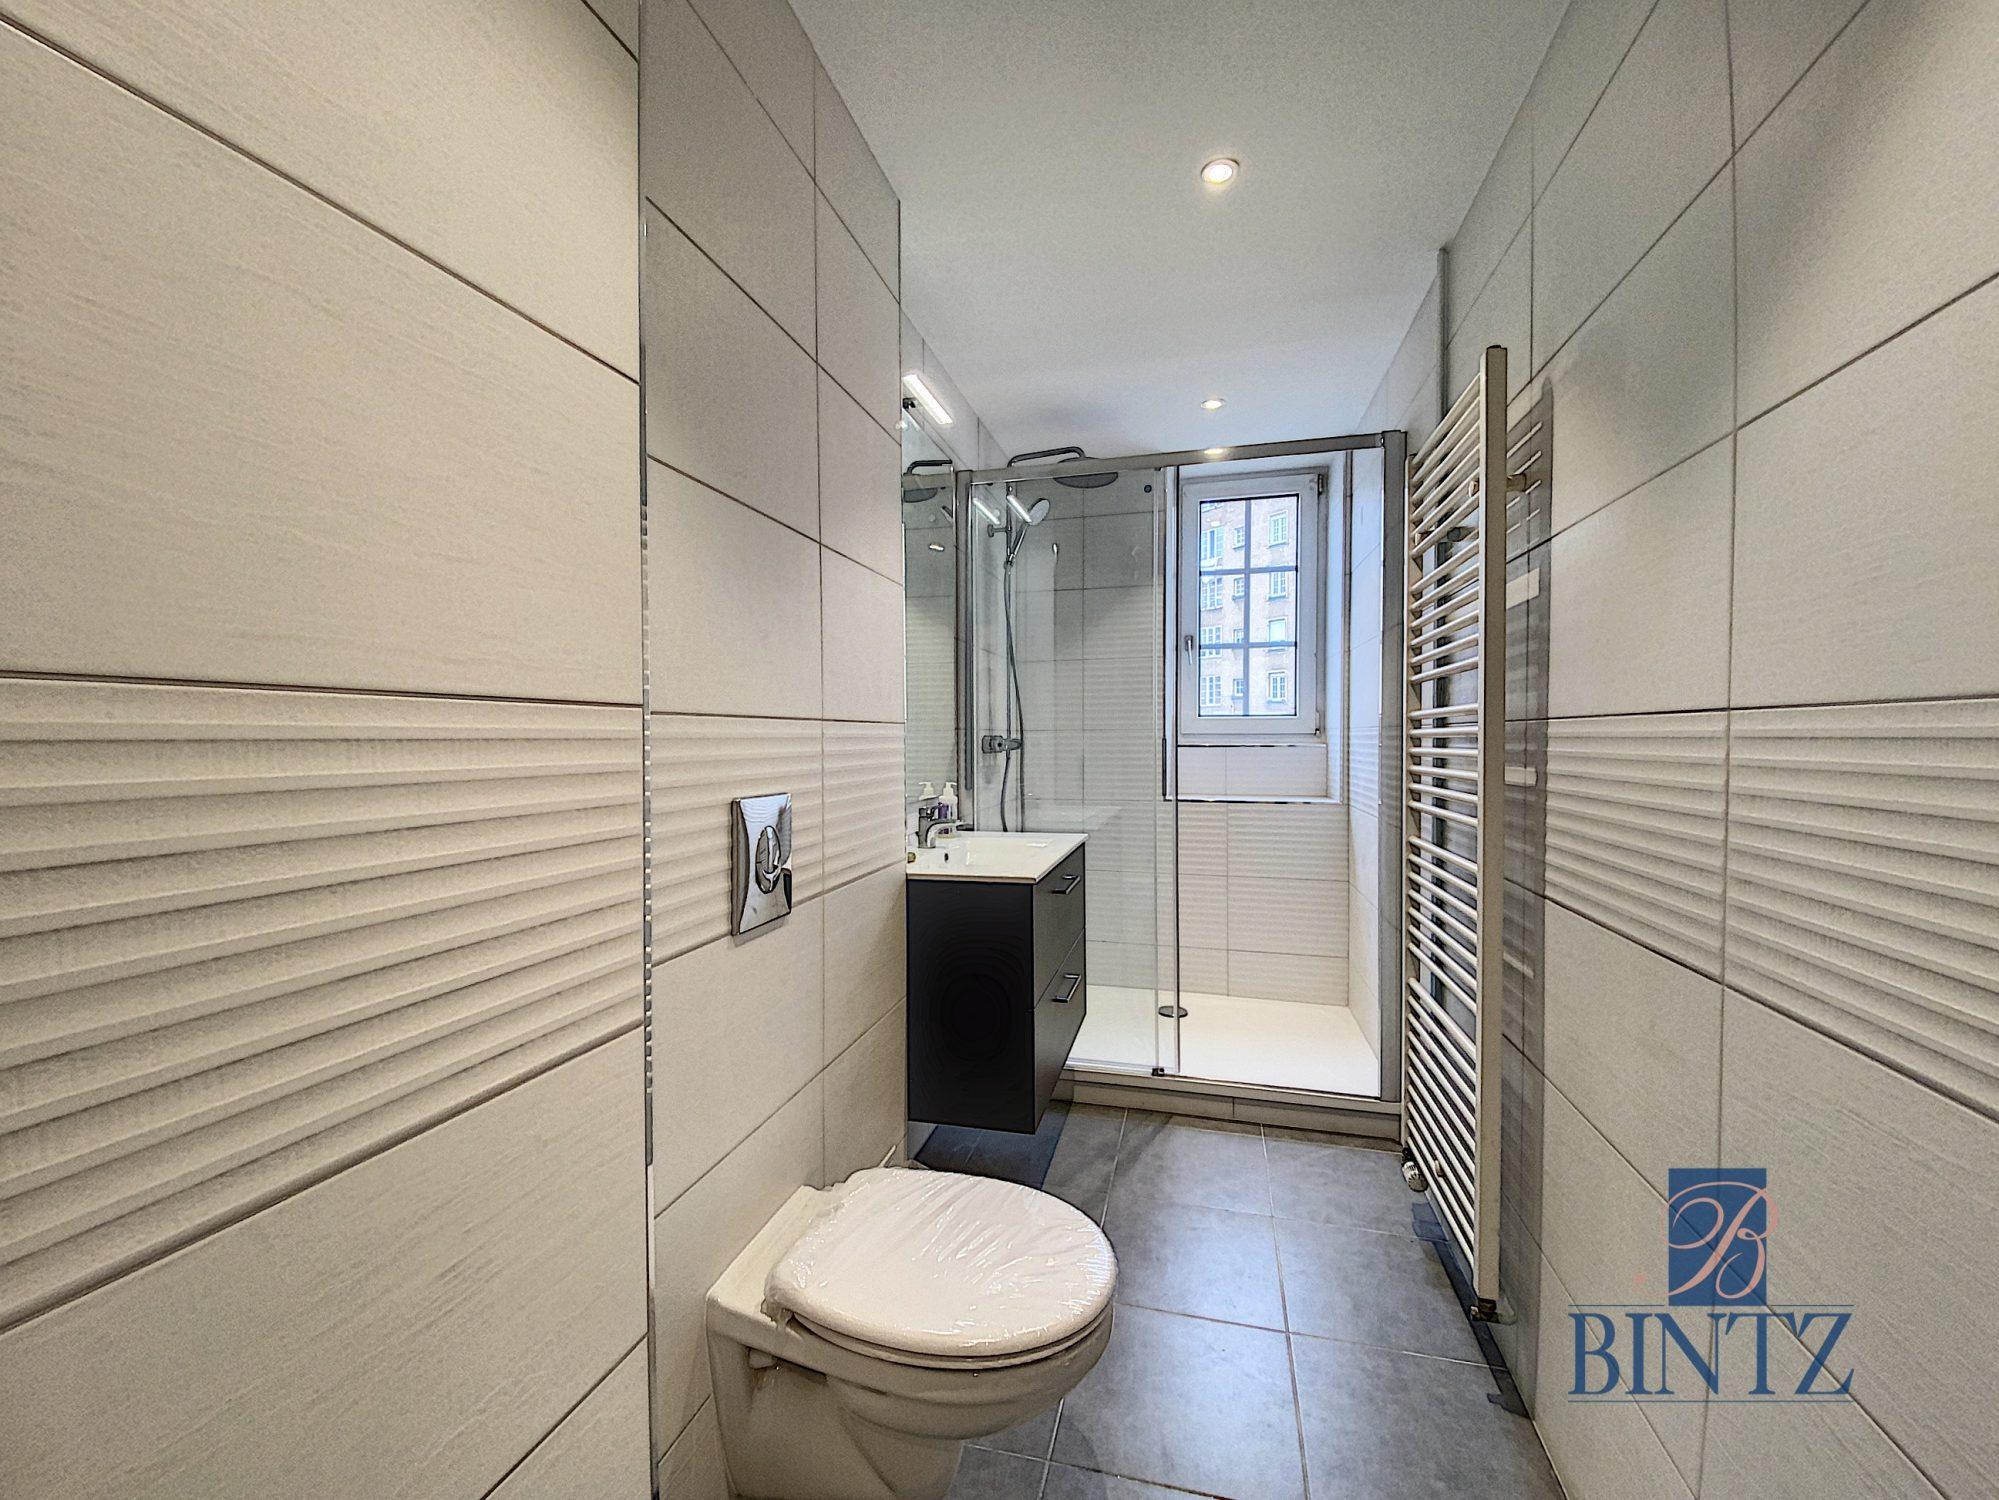 Appartement 3 pièces 69m2 dans le quartier des XV - Devenez propriétaire en toute confiance - Bintz Immobilier - 10